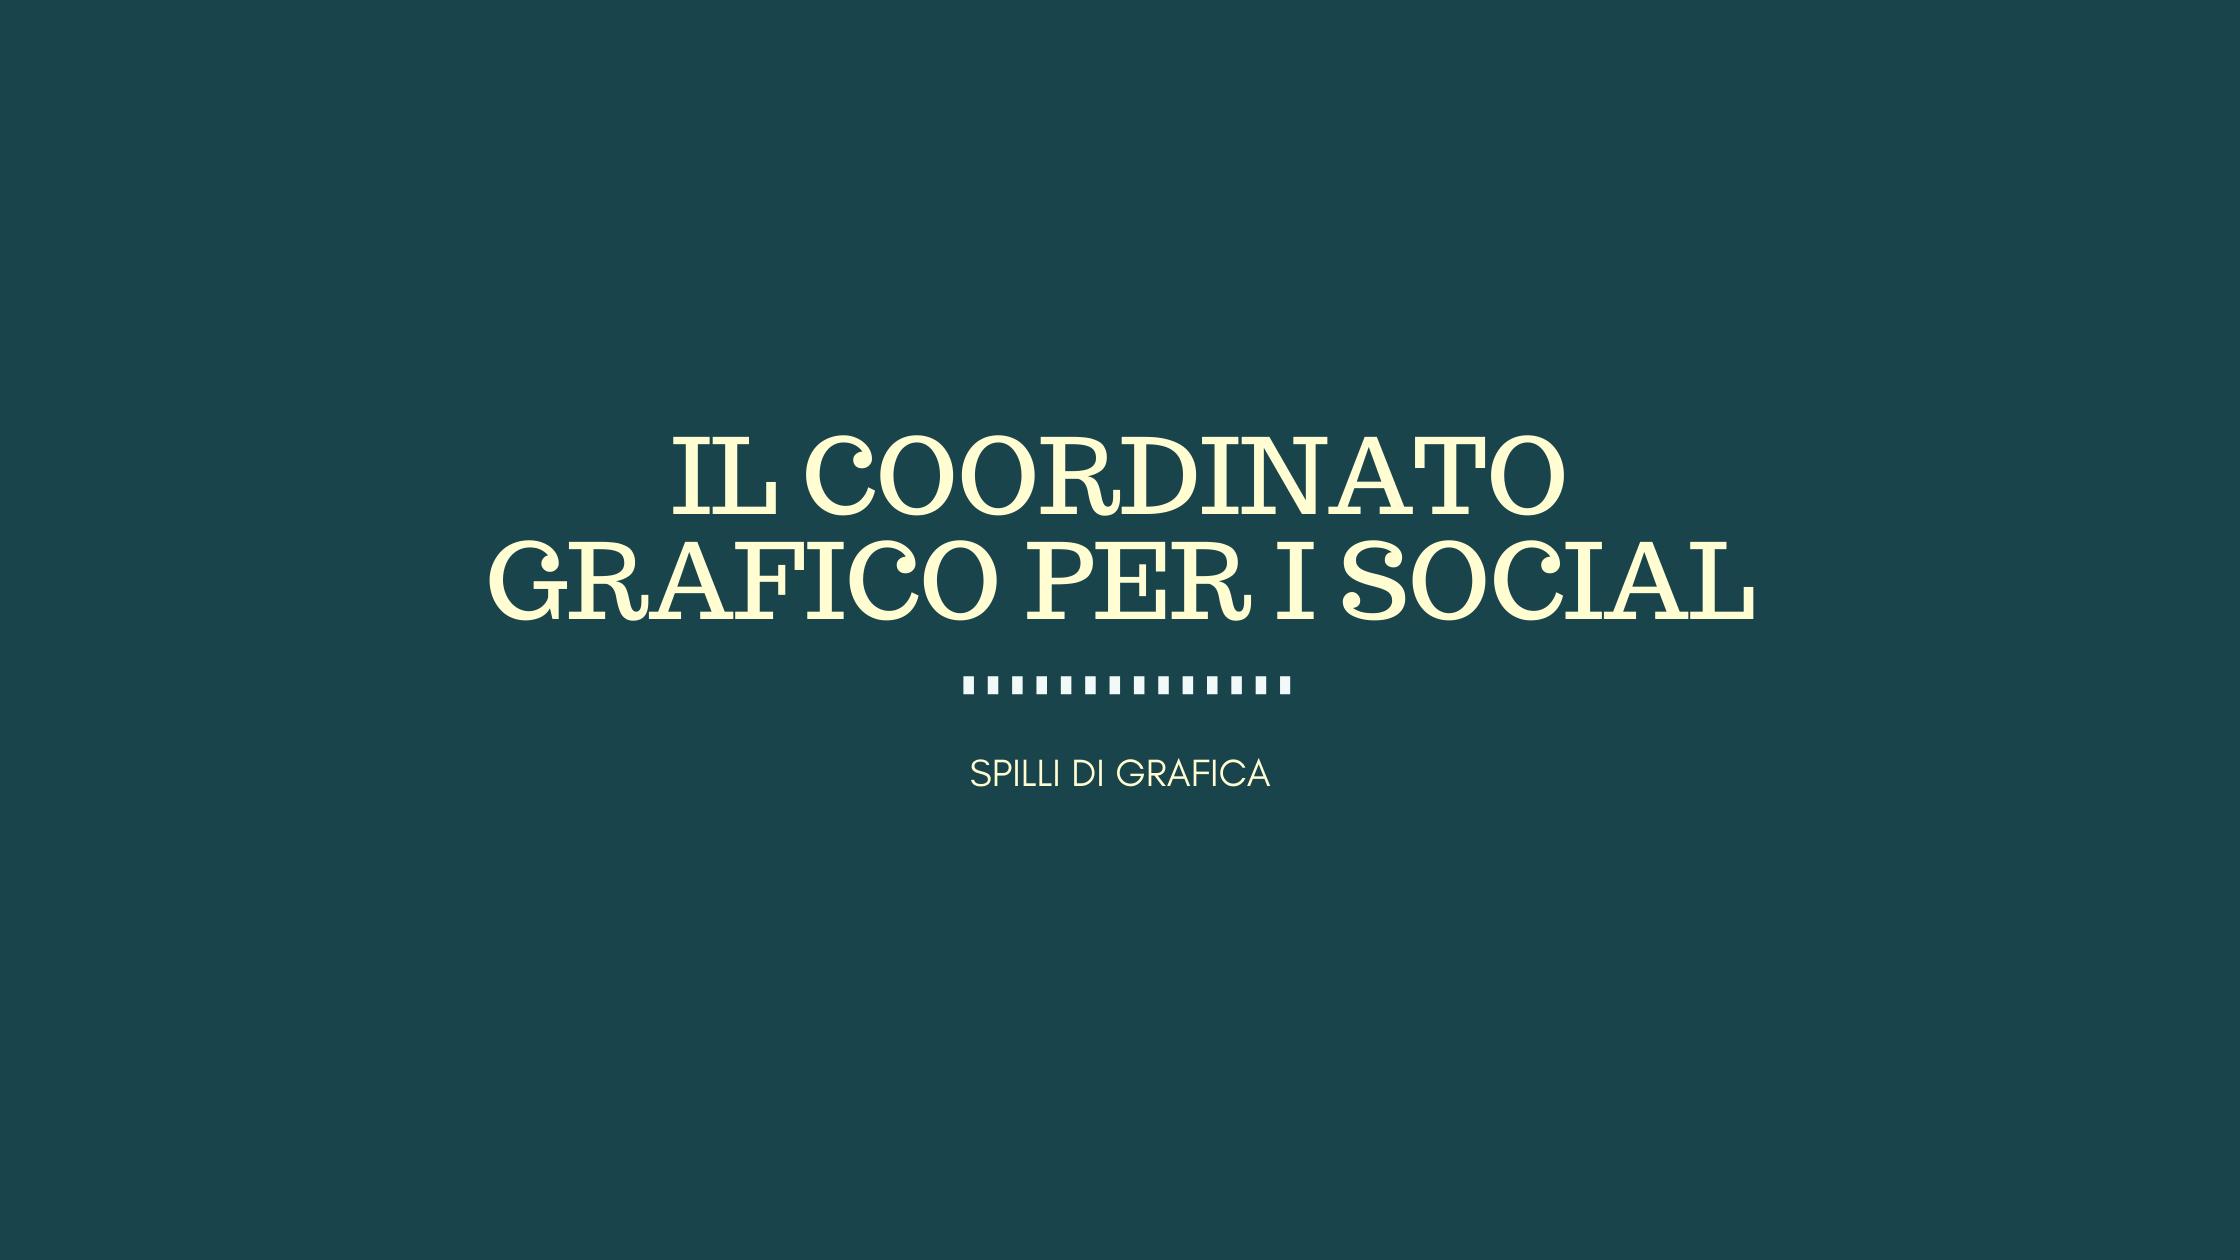 Il coordinato grafico social, cos'è e perché è importante